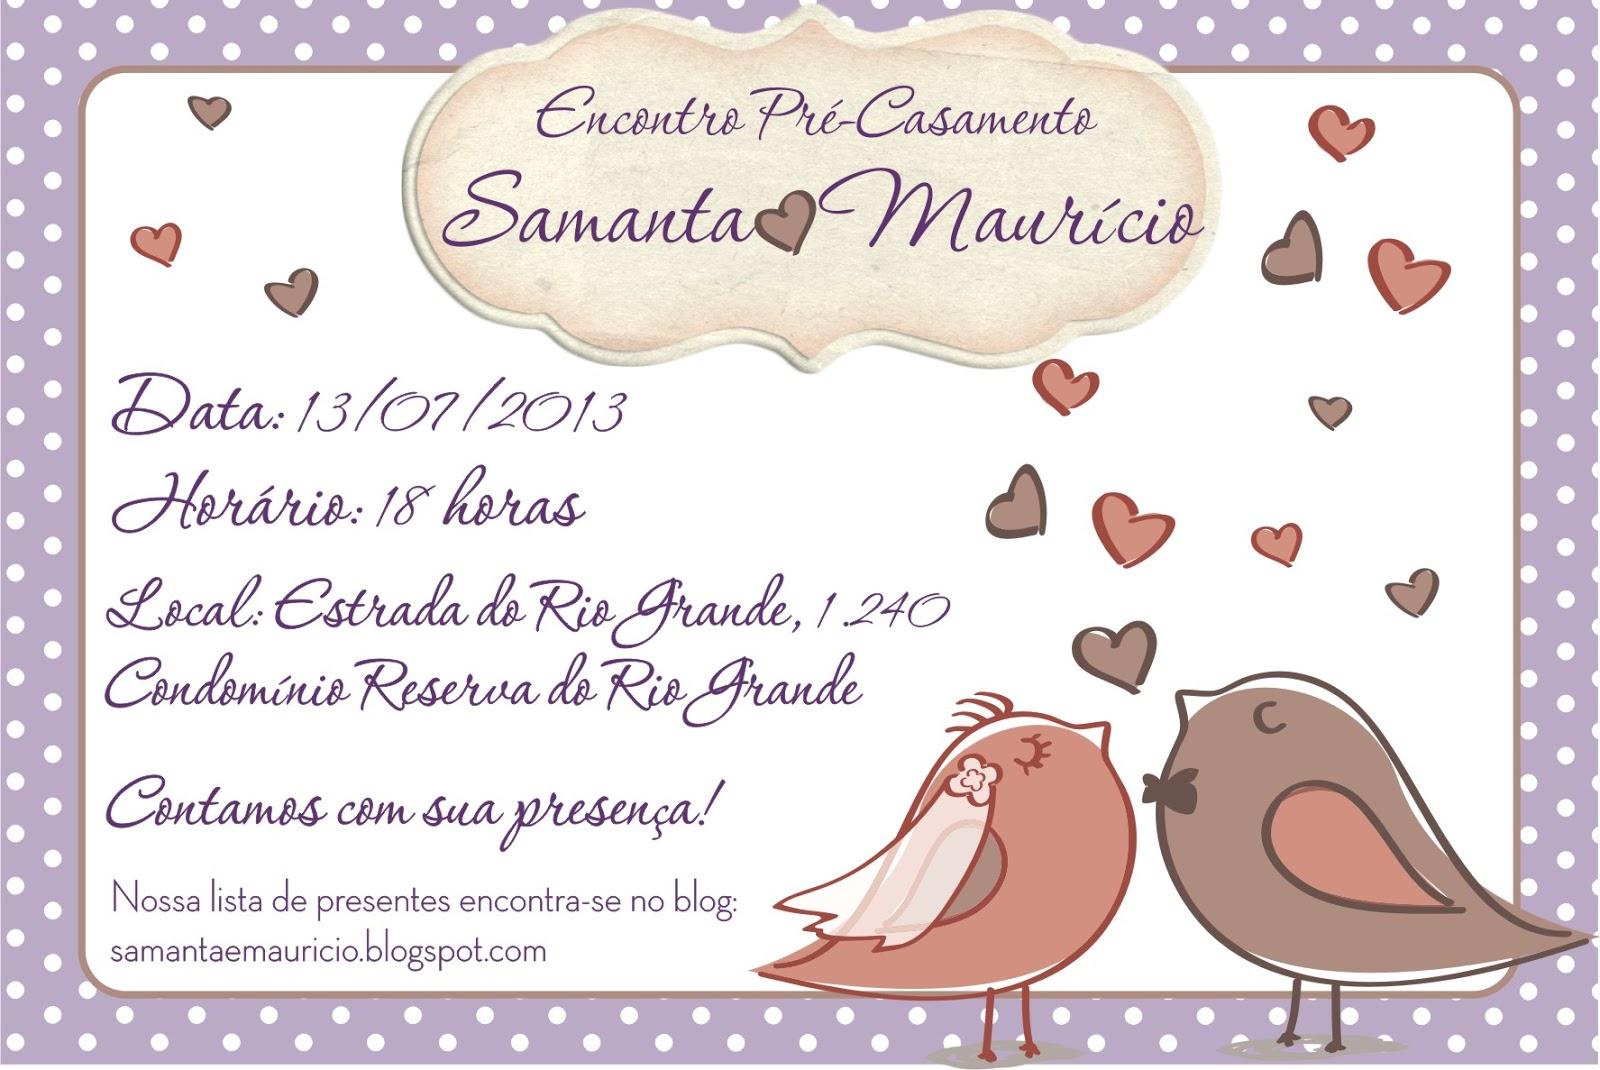 Samanta e Maurício: Convite: Encontro Pré-Casamento